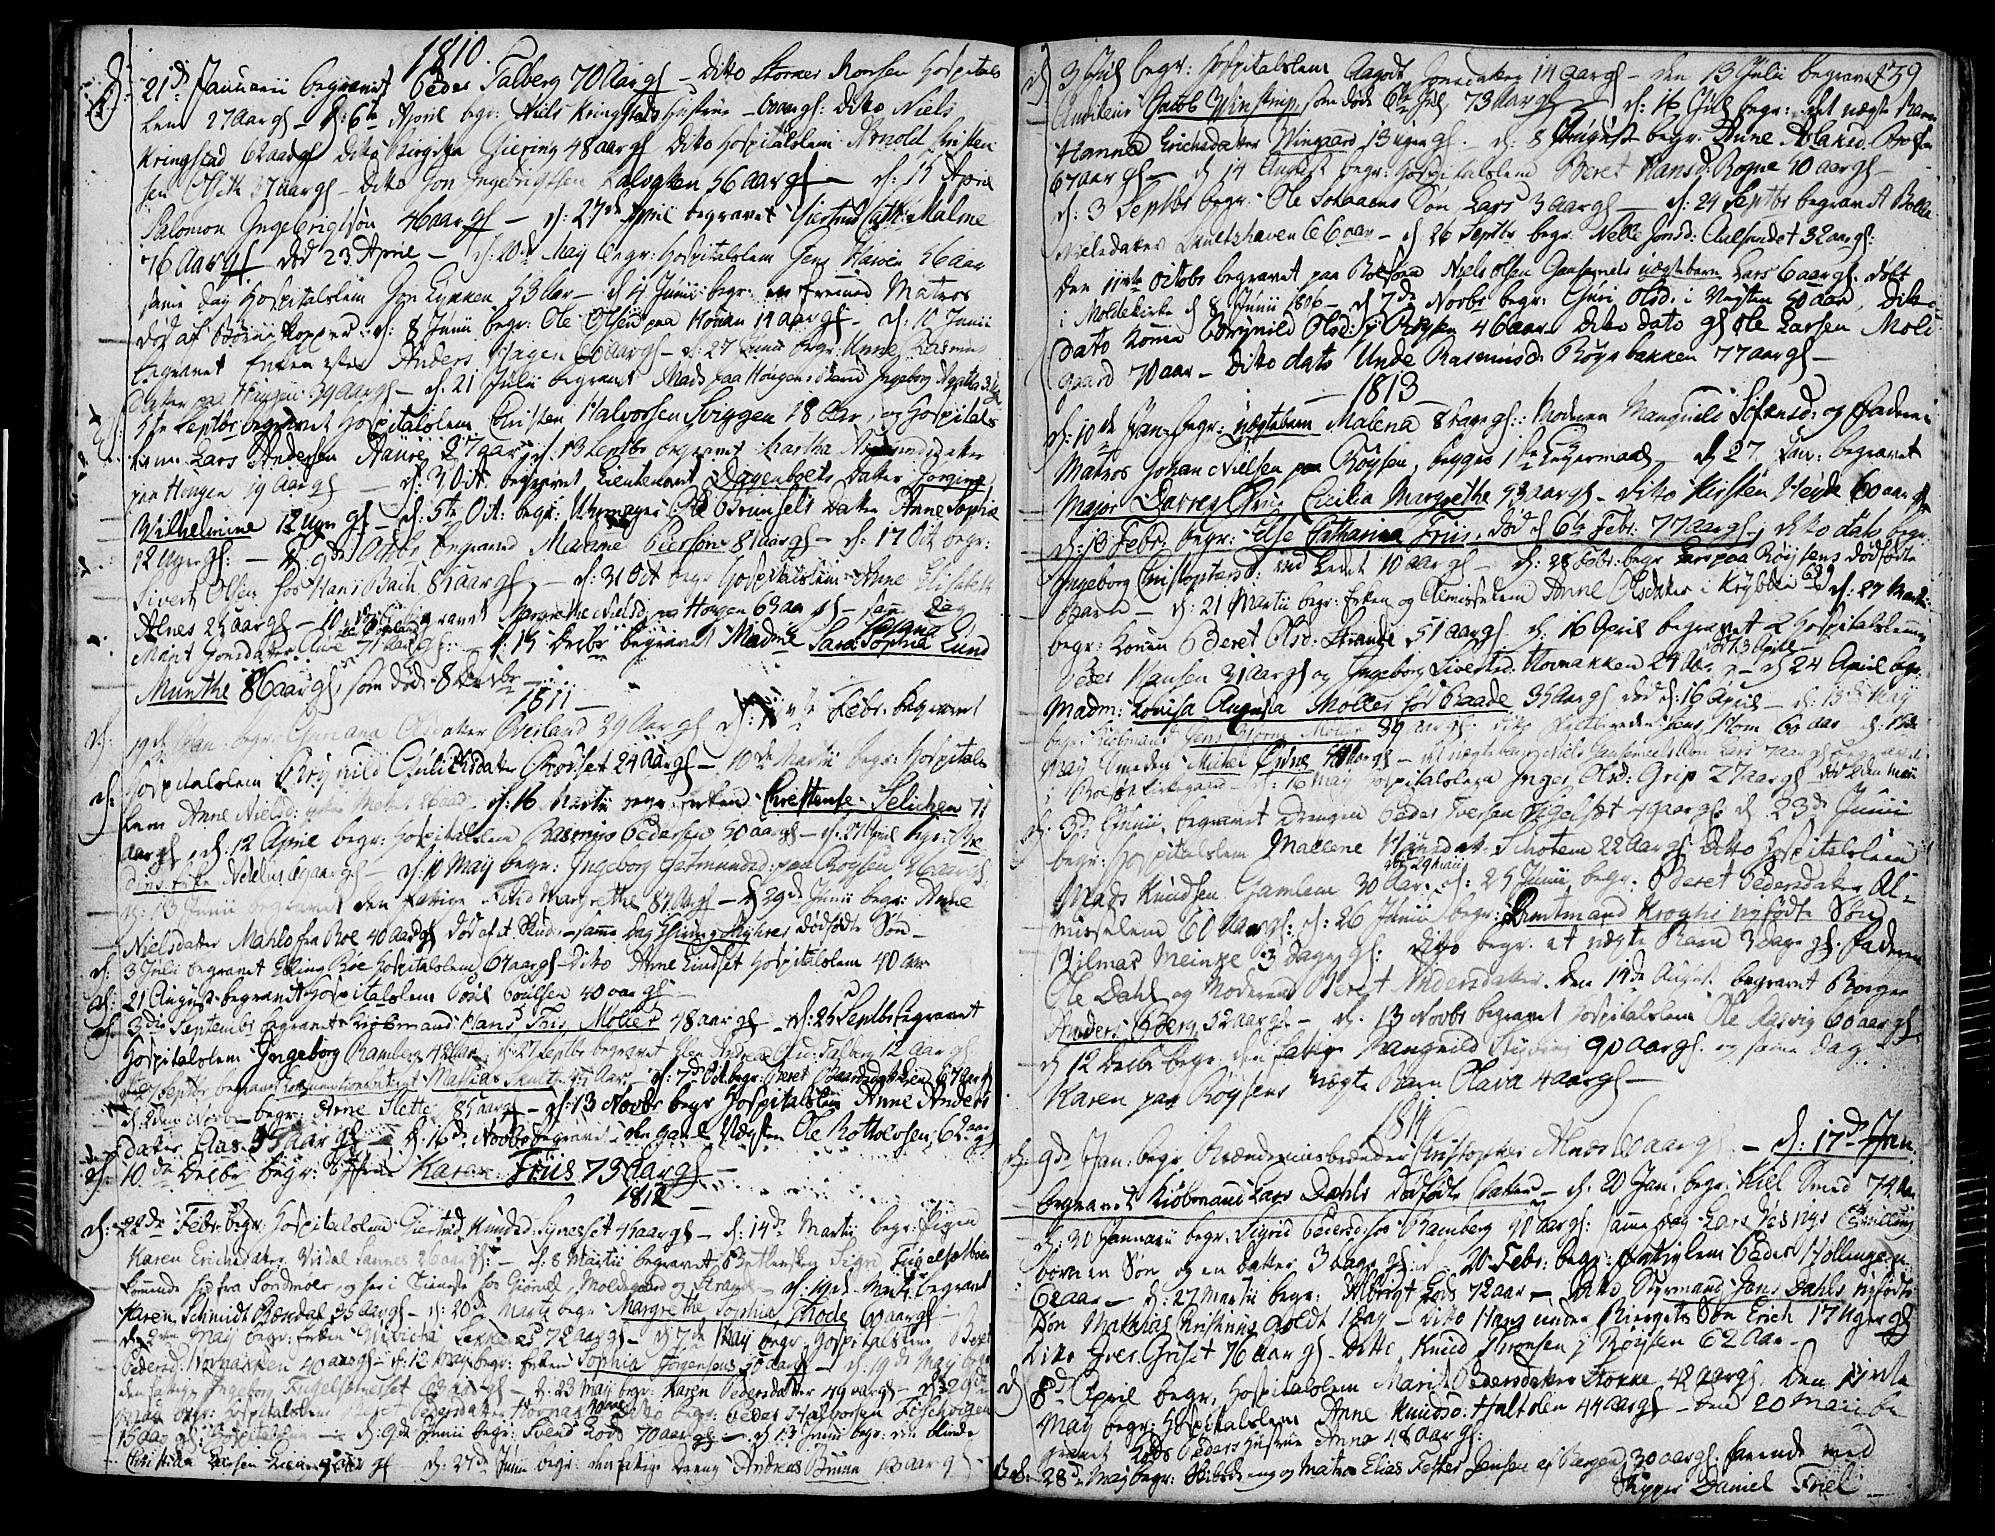 SAT, Ministerialprotokoller, klokkerbøker og fødselsregistre - Møre og Romsdal, 558/L0687: Ministerialbok nr. 558A01, 1798-1818, s. 39